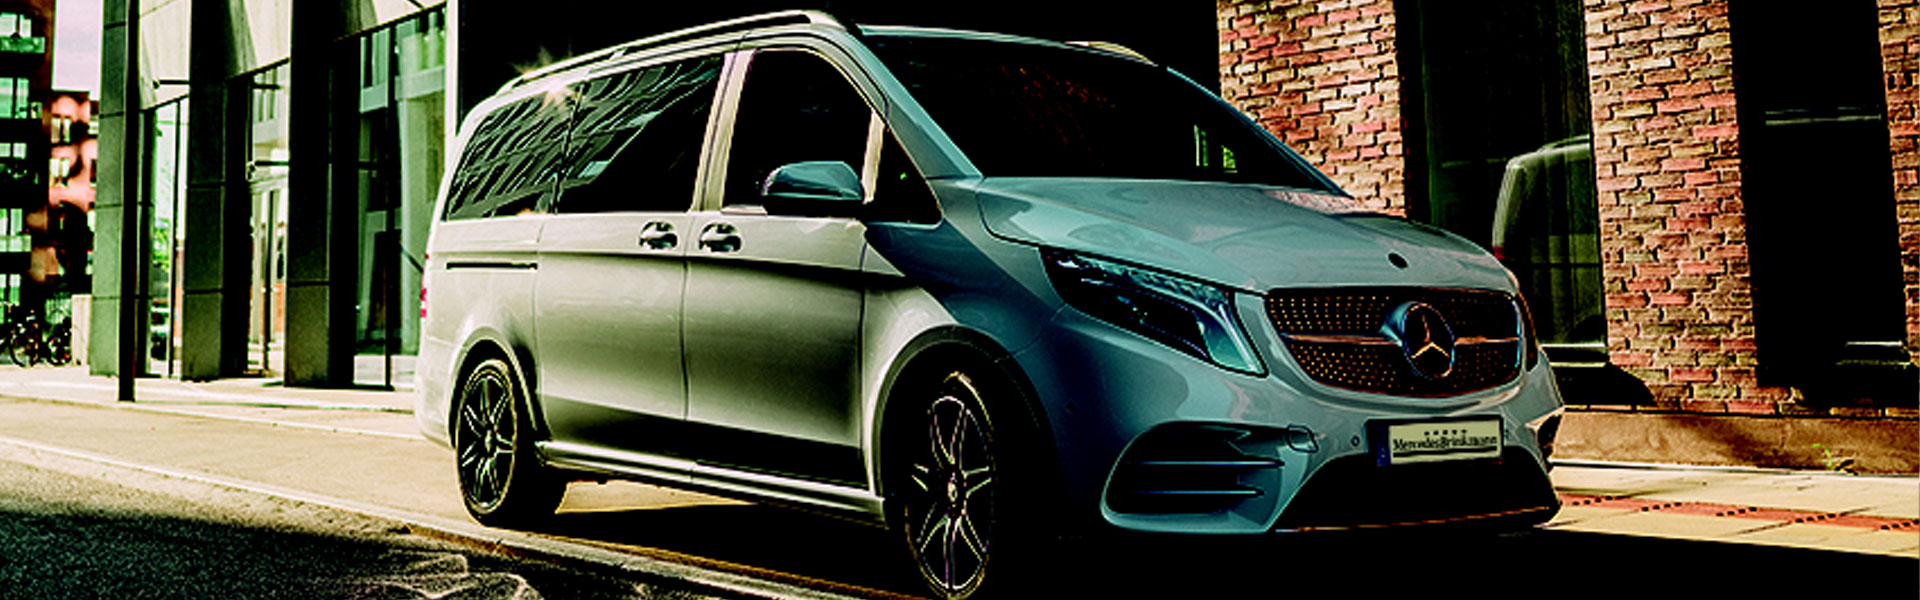 Mercedes-Benz-Brinkmann-Transporter-Garantie-Paket-Header